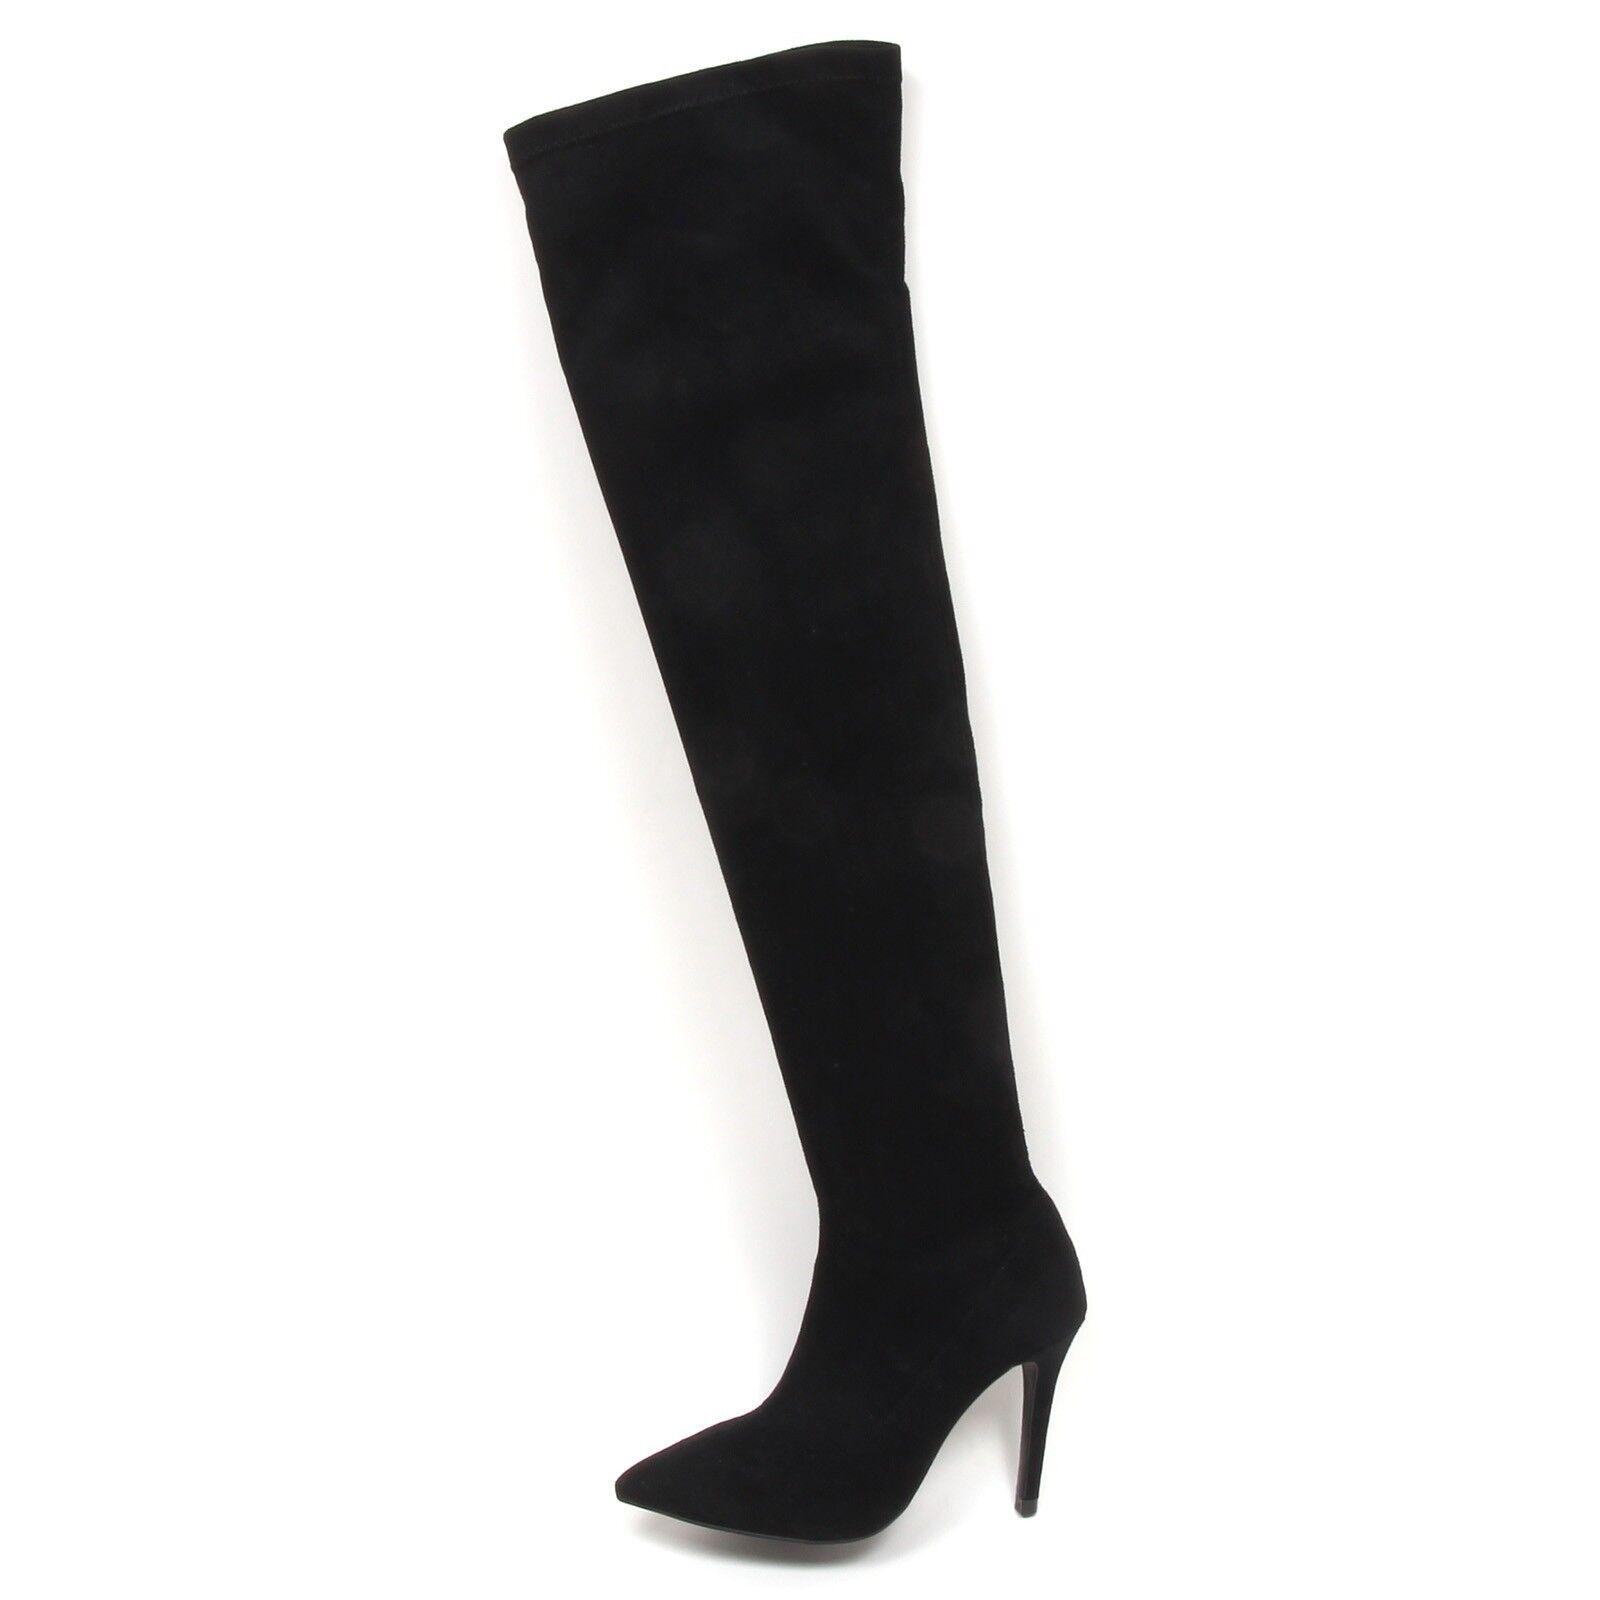 Grandes zapatos con descuento E5338 stivale donna black GAUDI' scarpe eco suede shoe boot woman